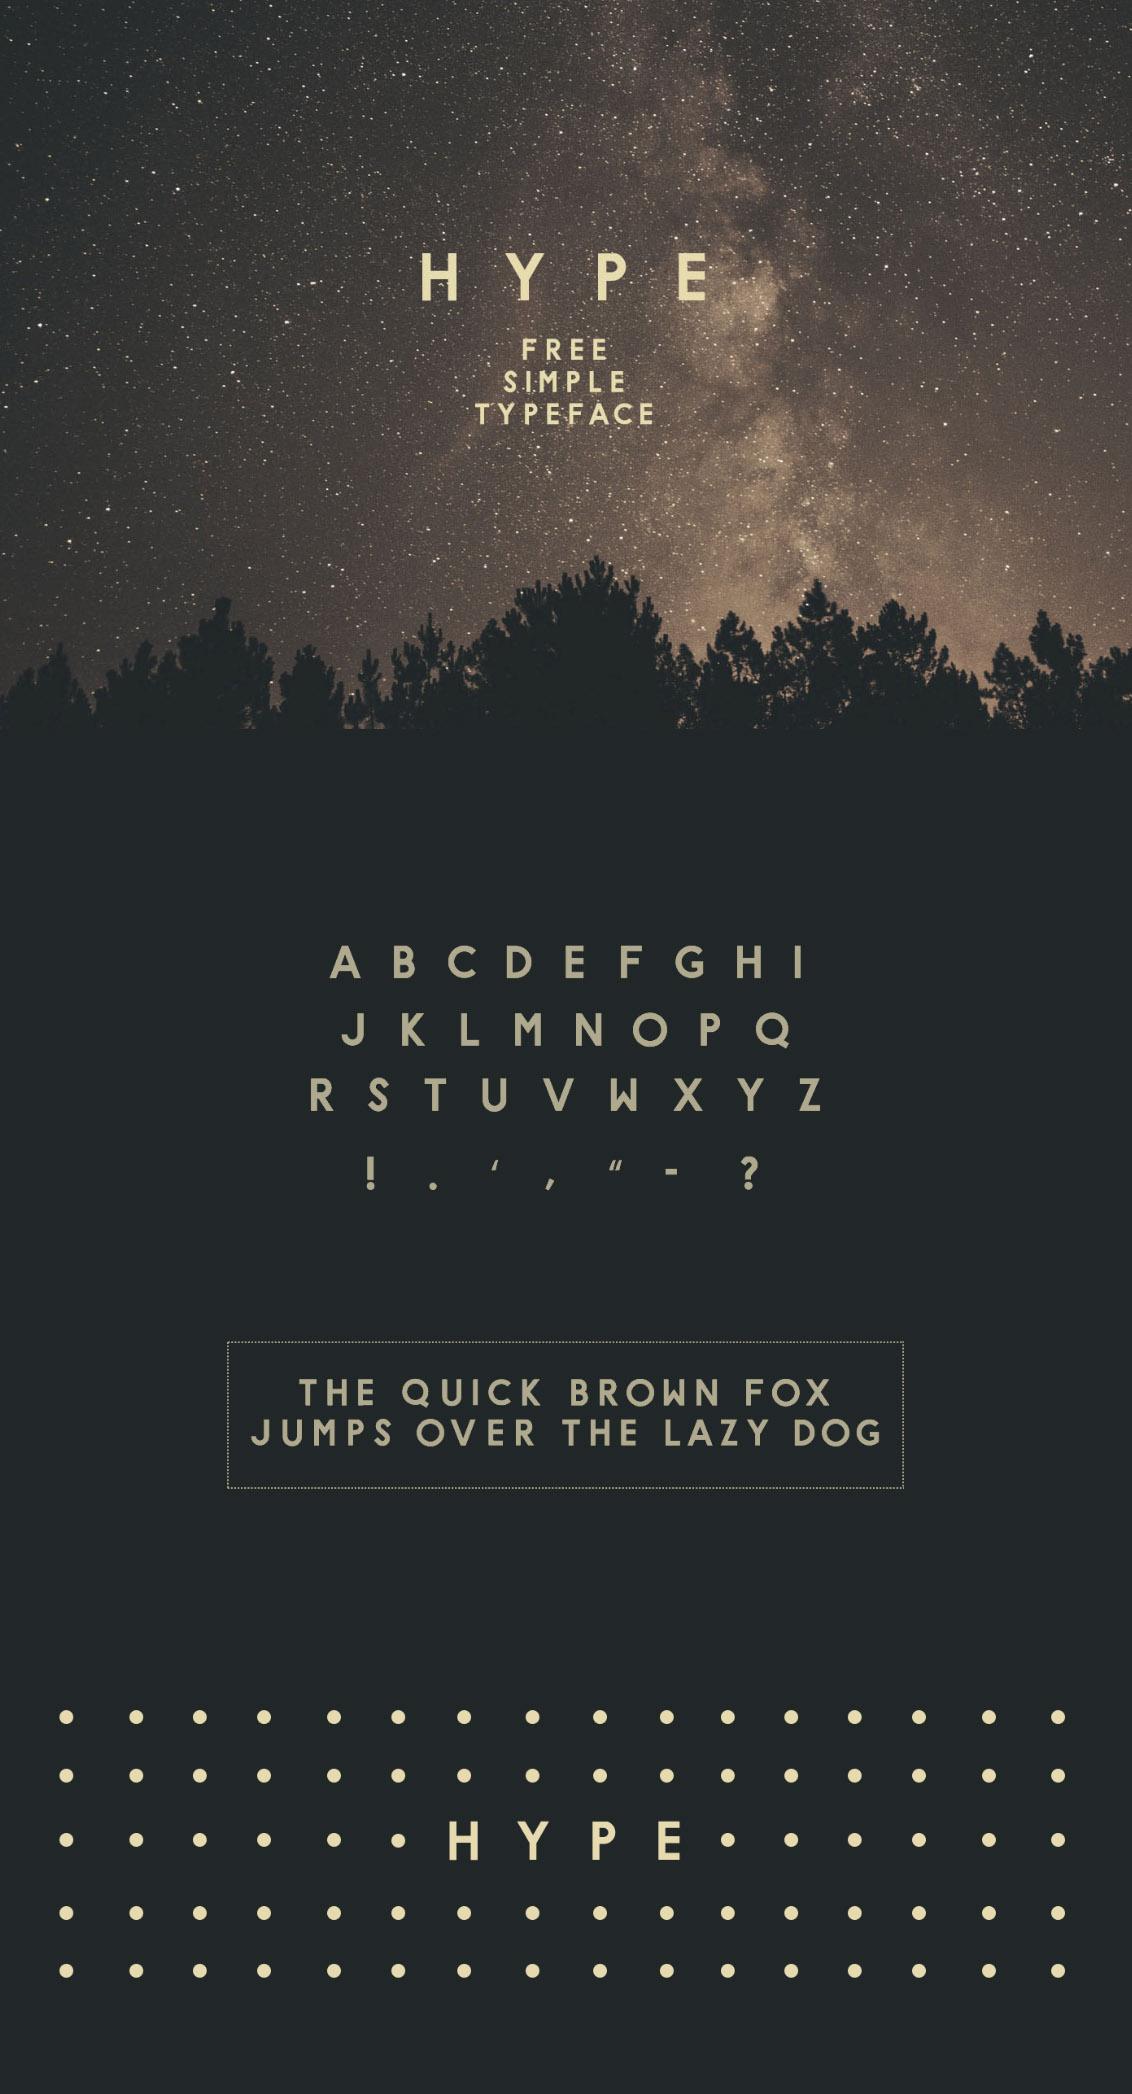 H Y P E typeface